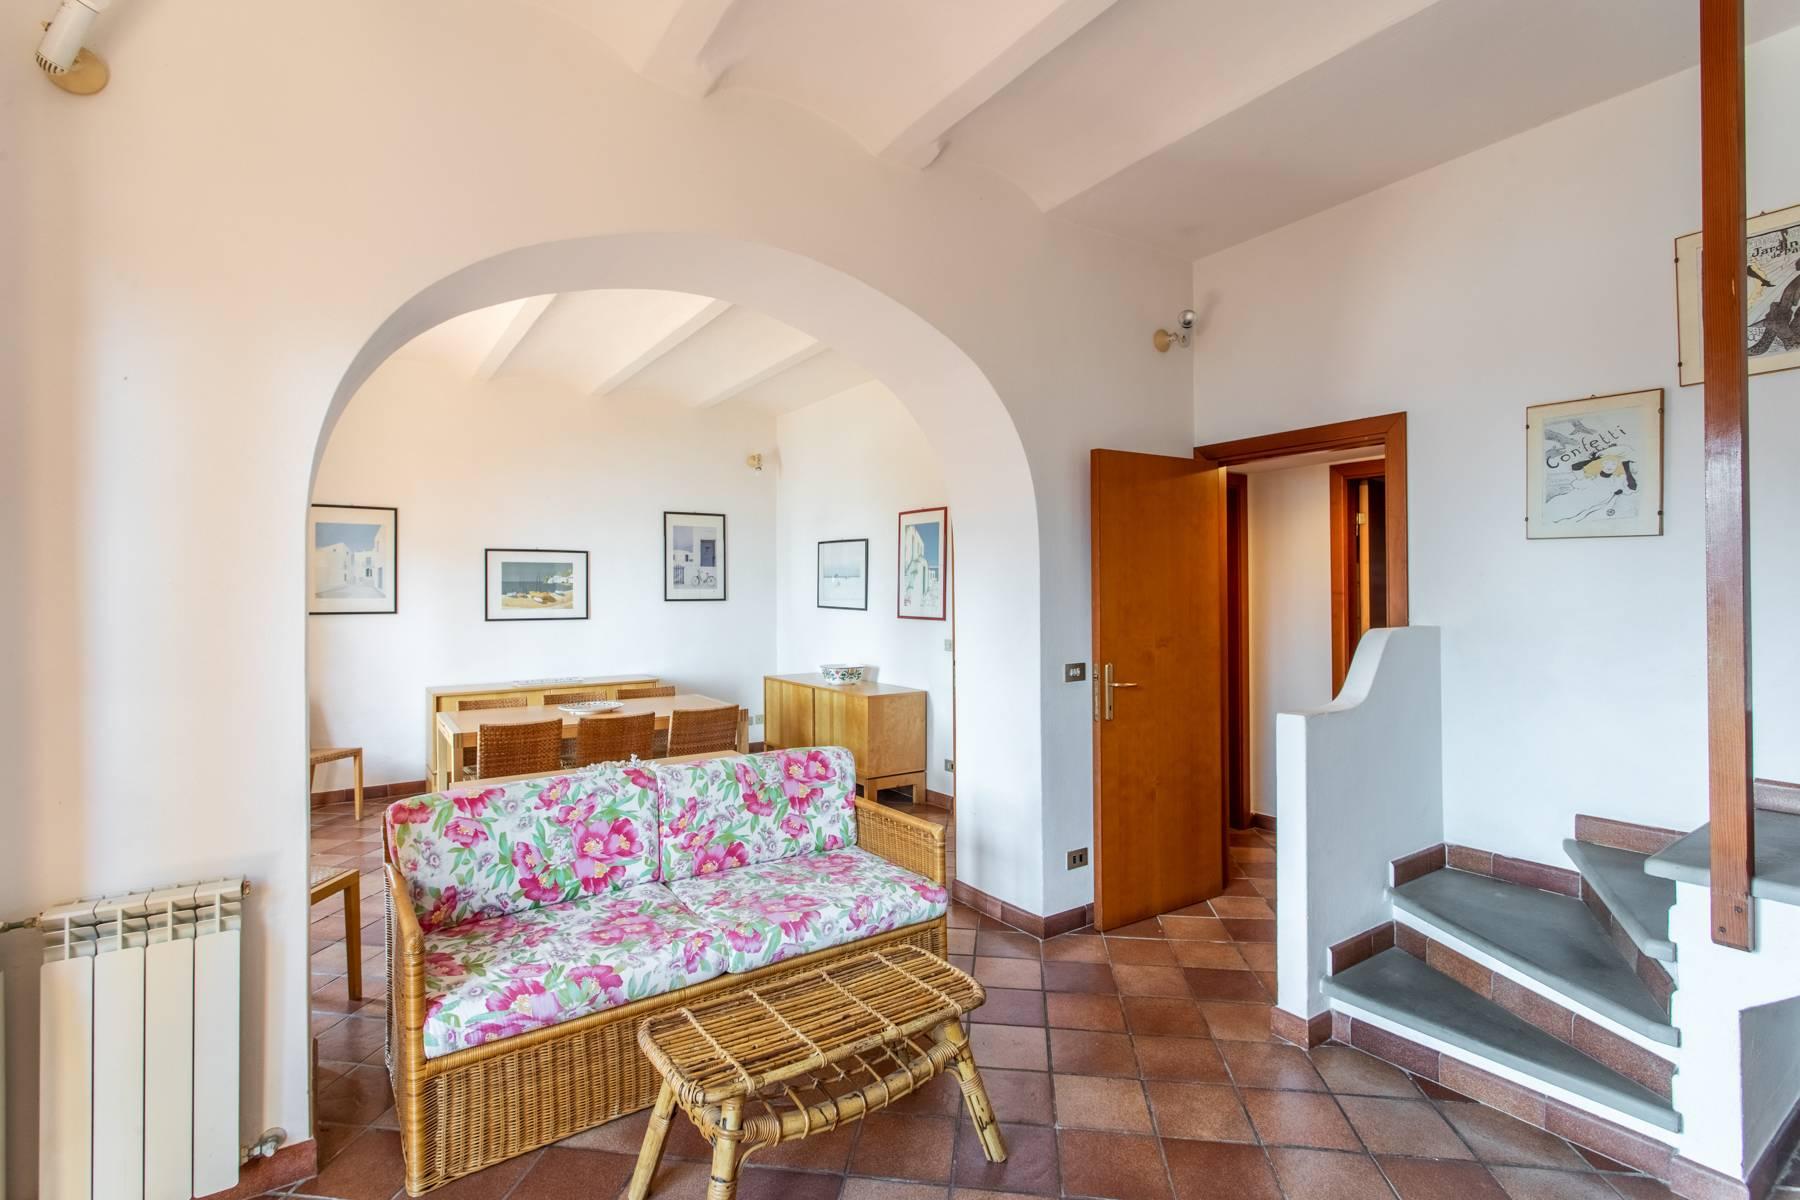 Villa in Vendita a Monte Argentario: 5 locali, 140 mq - Foto 15